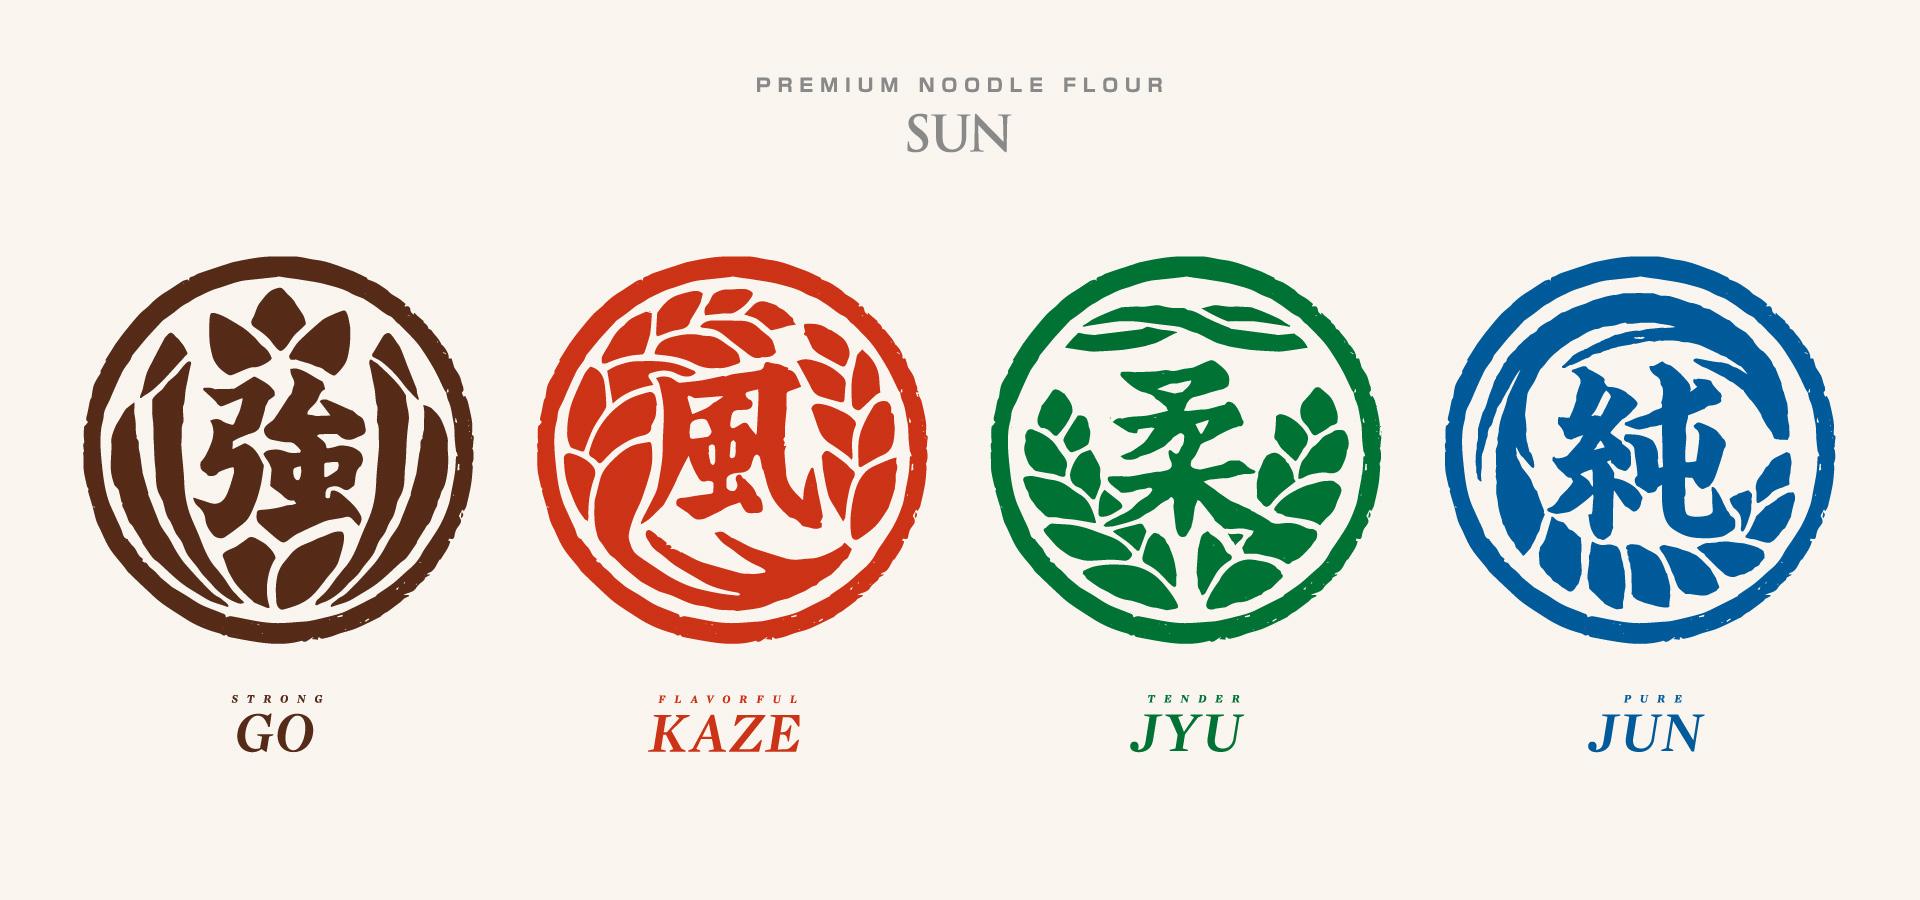 SUN Premium Noodle Flour Symbols